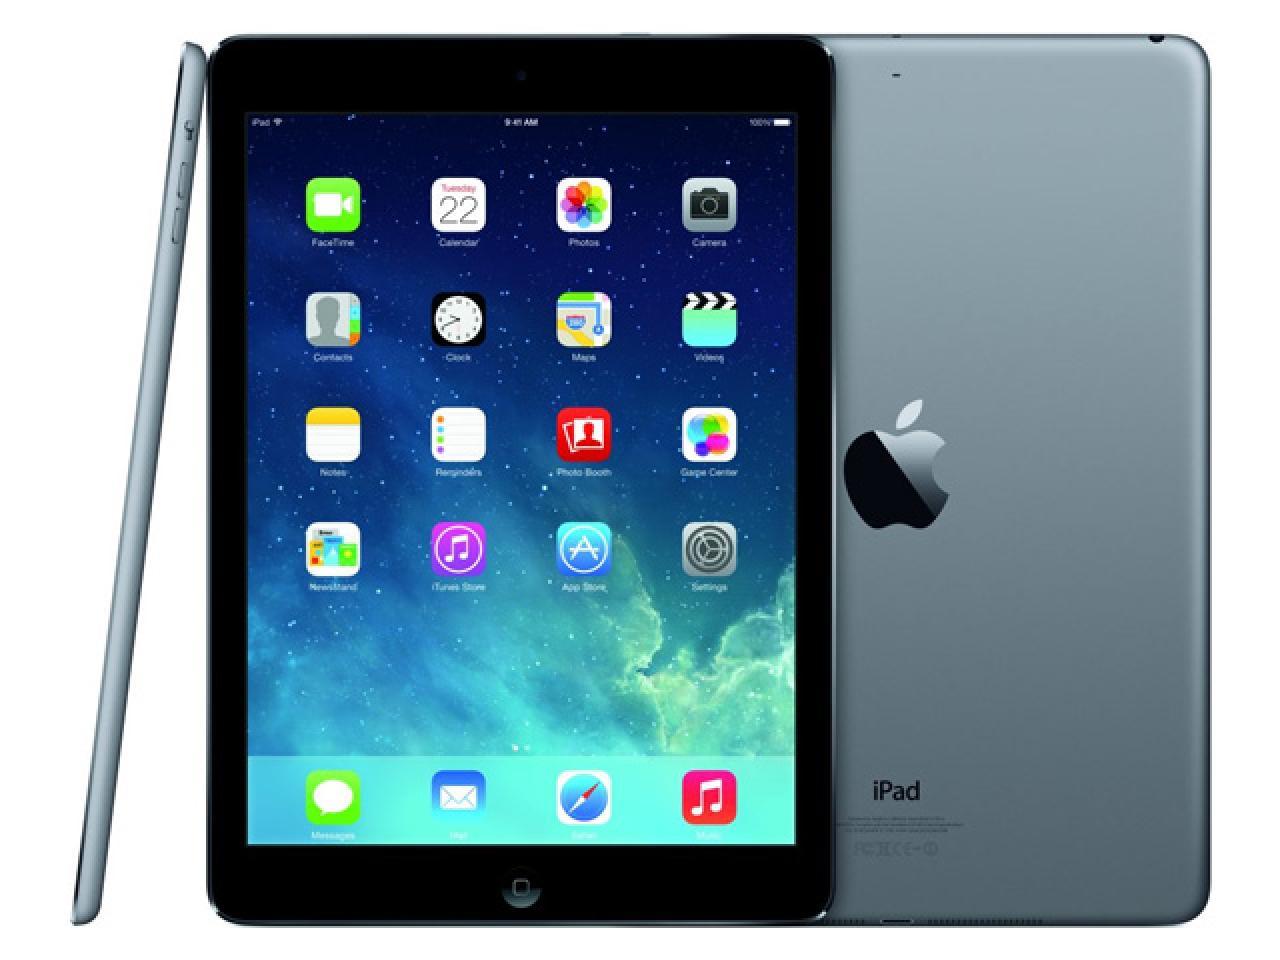 Apple iPad Air A1474 Spacegrau  - shop.bb-net.de